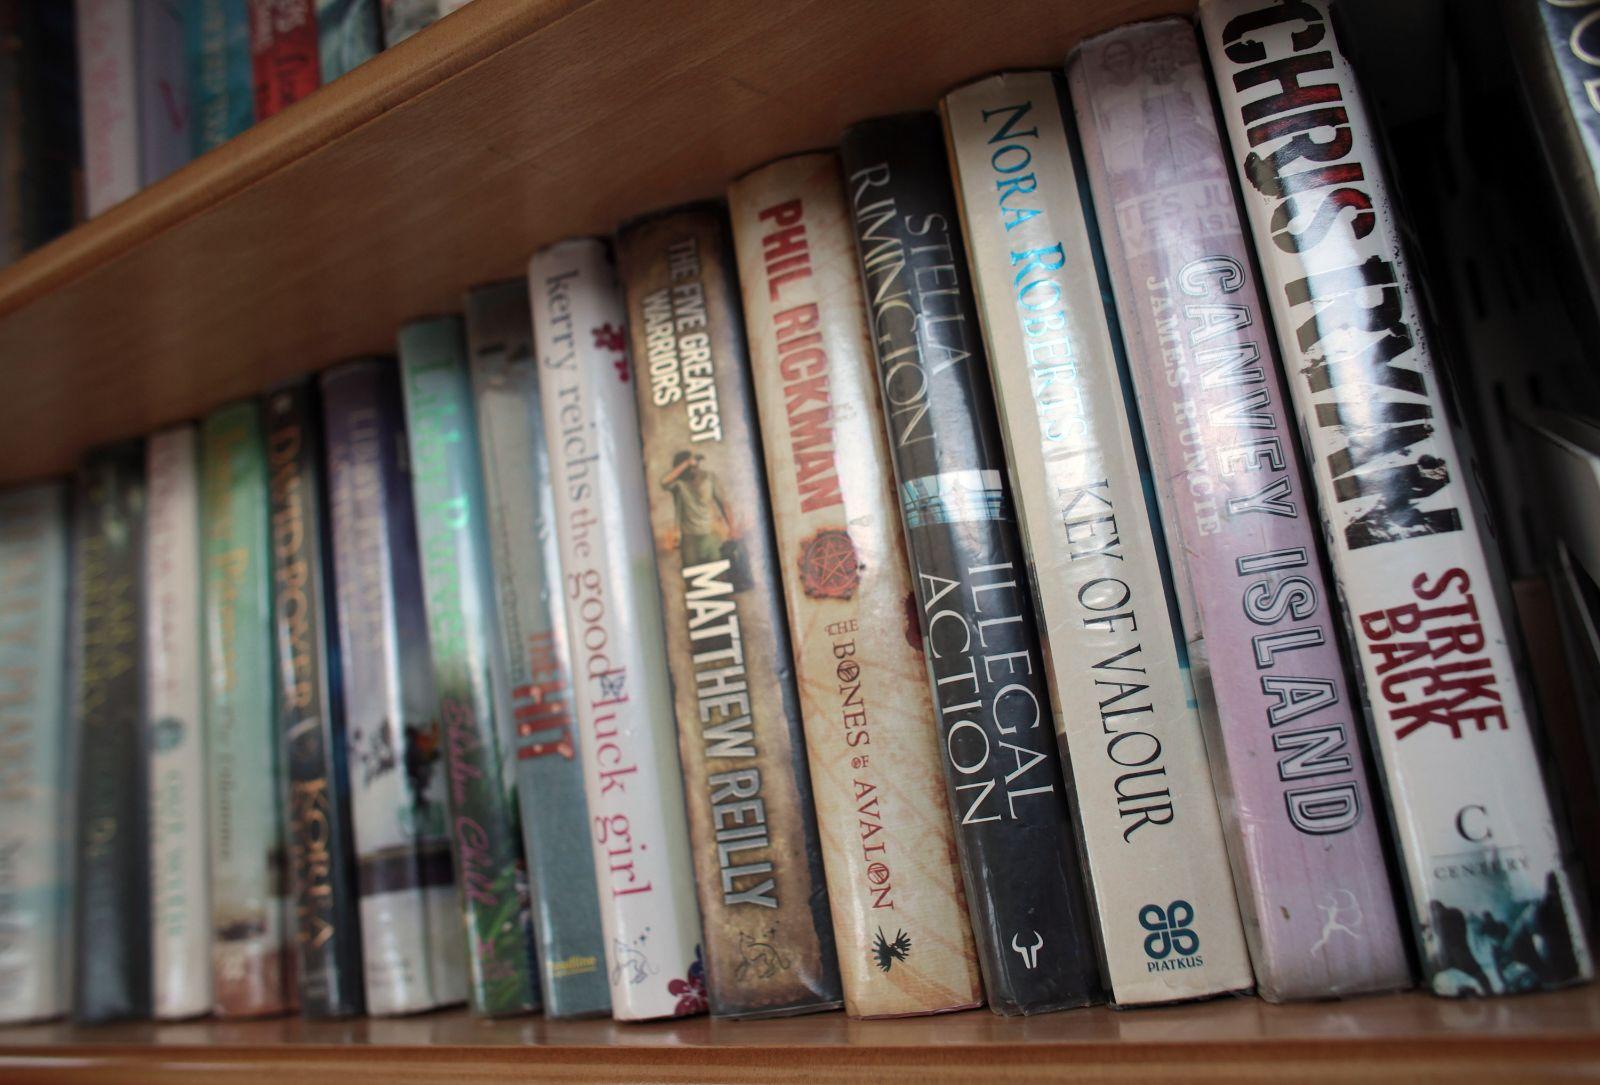 Dünyayı değiştiren kitaplar